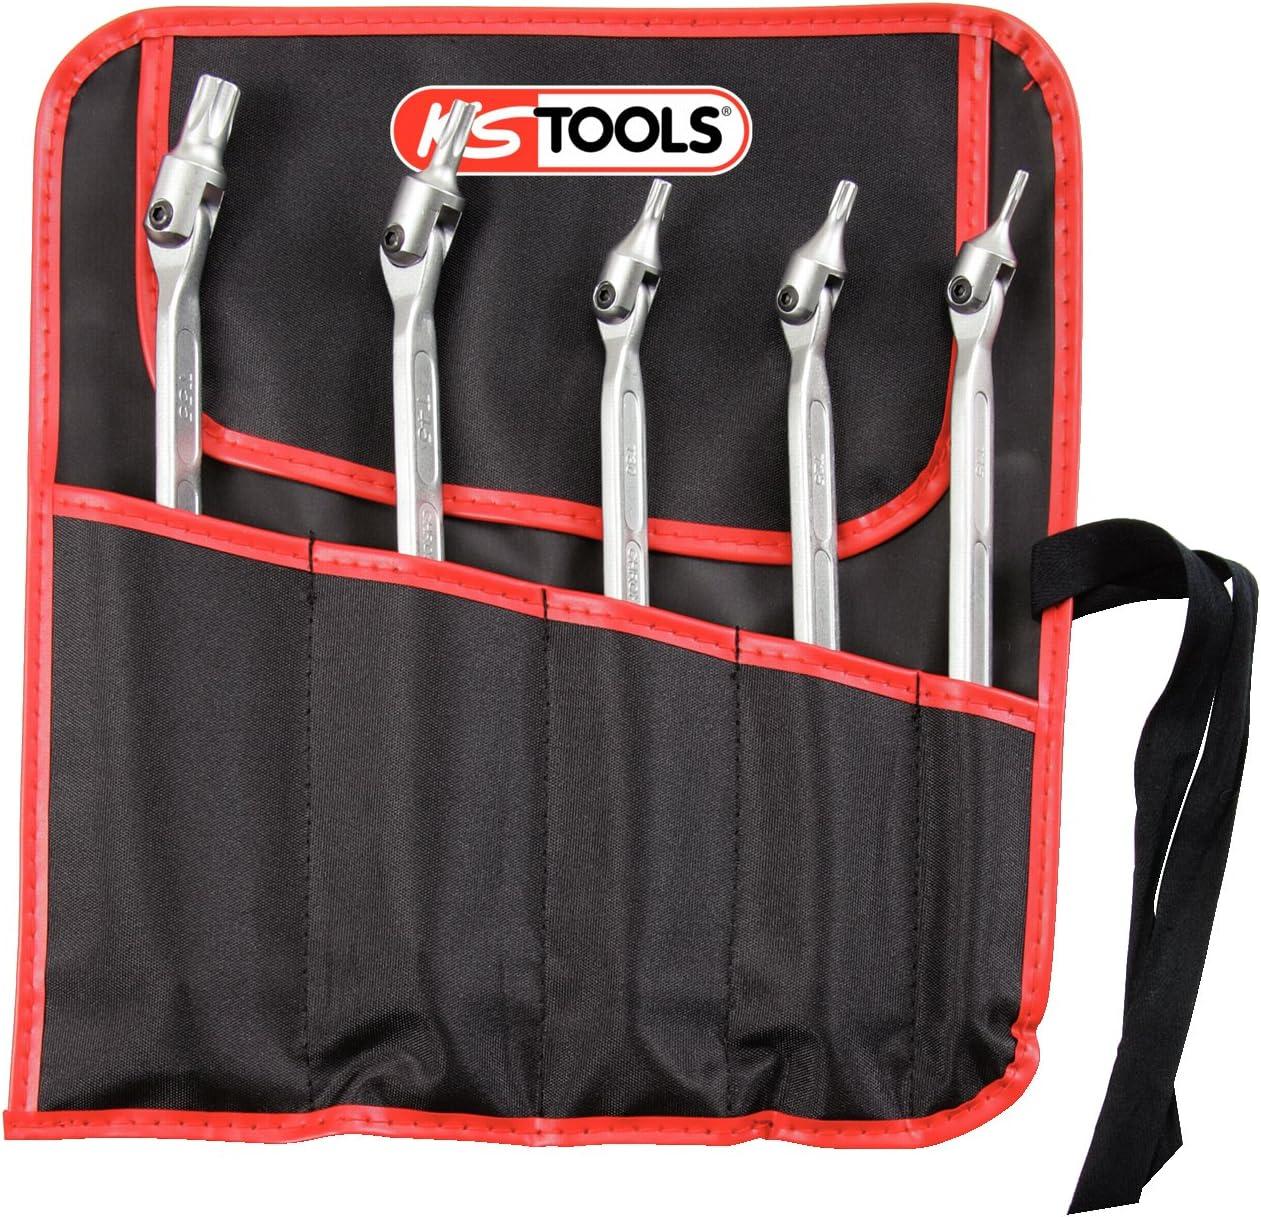 KS Tools 517.0320 Pack Llaves articuladas Dobles de Perfil E Torx, en Bolsa Enrollable, T15xT20-T55xT60, 5pcs, Set de 5 Piezas